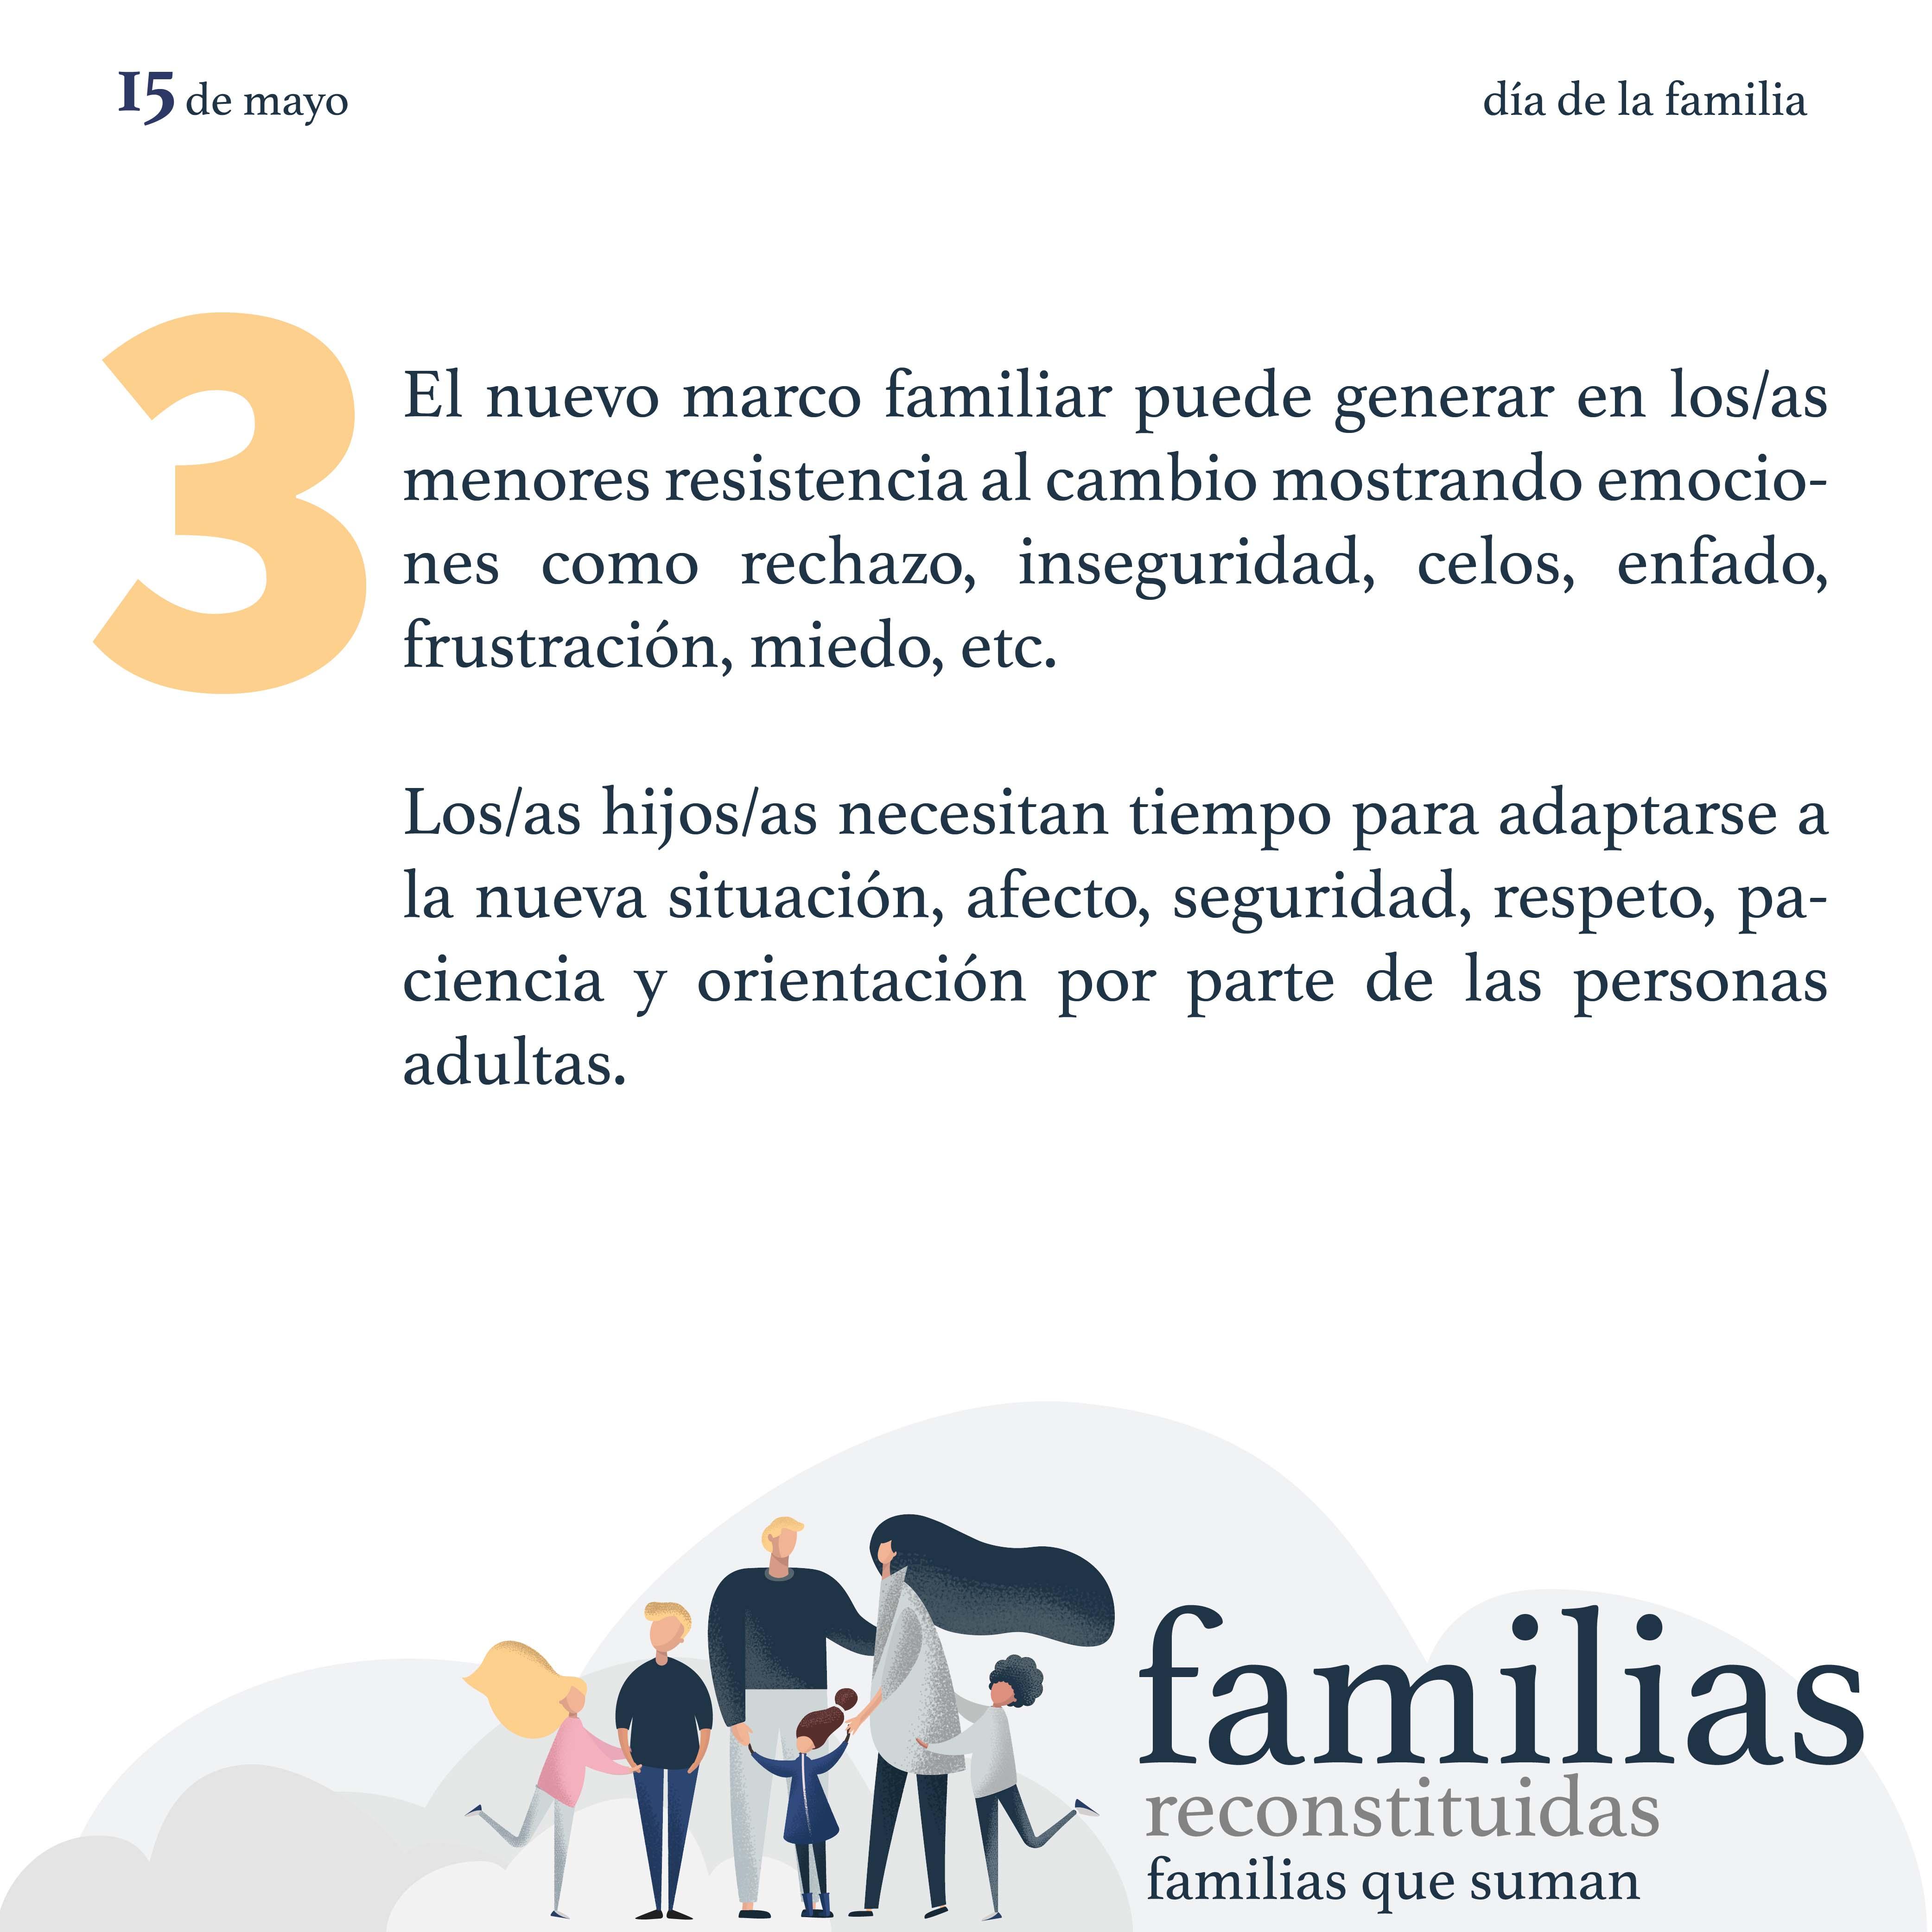 Familias reconstituidas, familias que suman